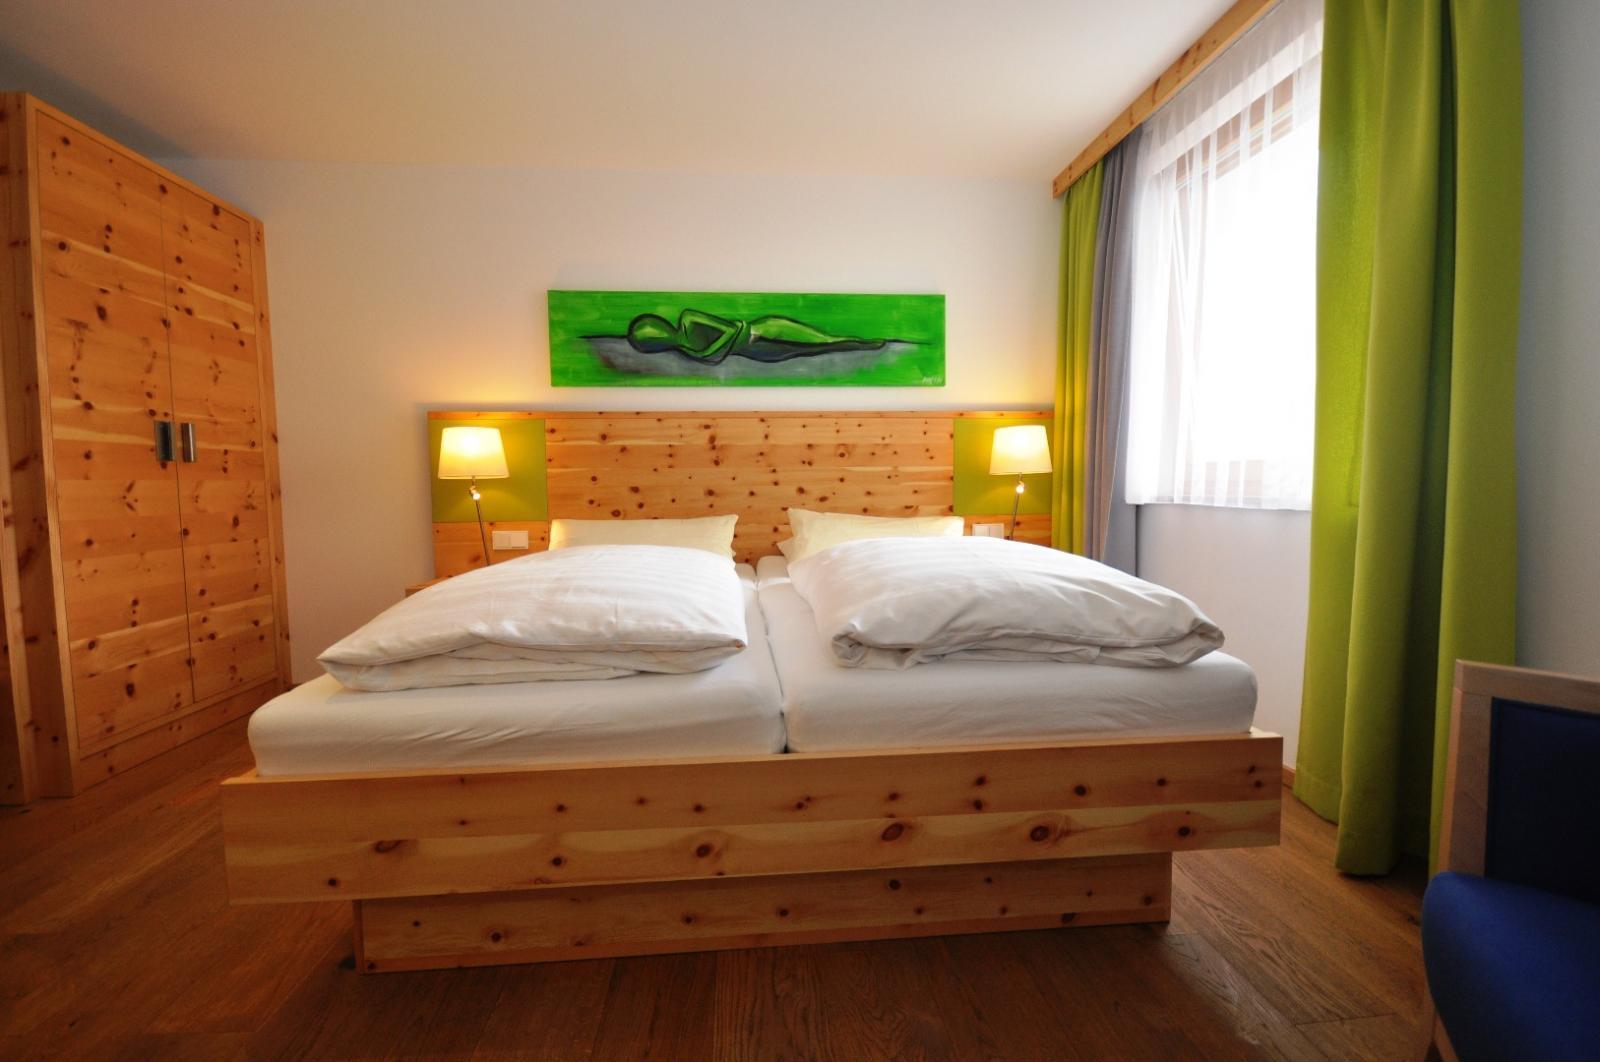 Atemtherapie: Foto vom Wellnesshotel Impuls Hotel Tirol | Wellness Salzburger Land